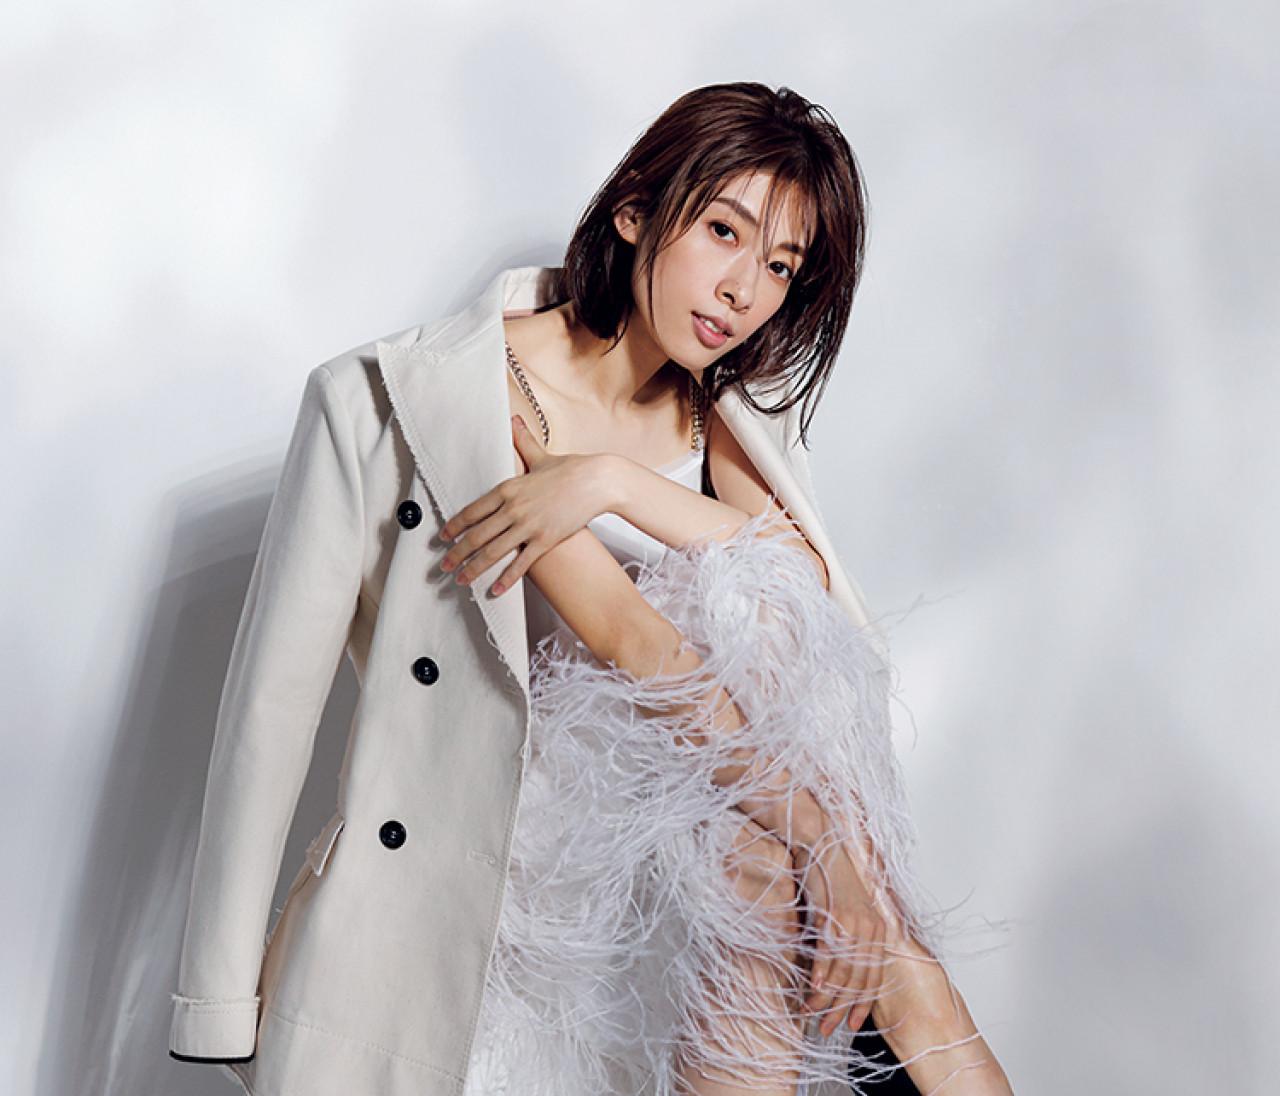 【 #明日海りお スペシャルインタビュー 】進化するトップスターの素顔と本音。ますます好きになる!